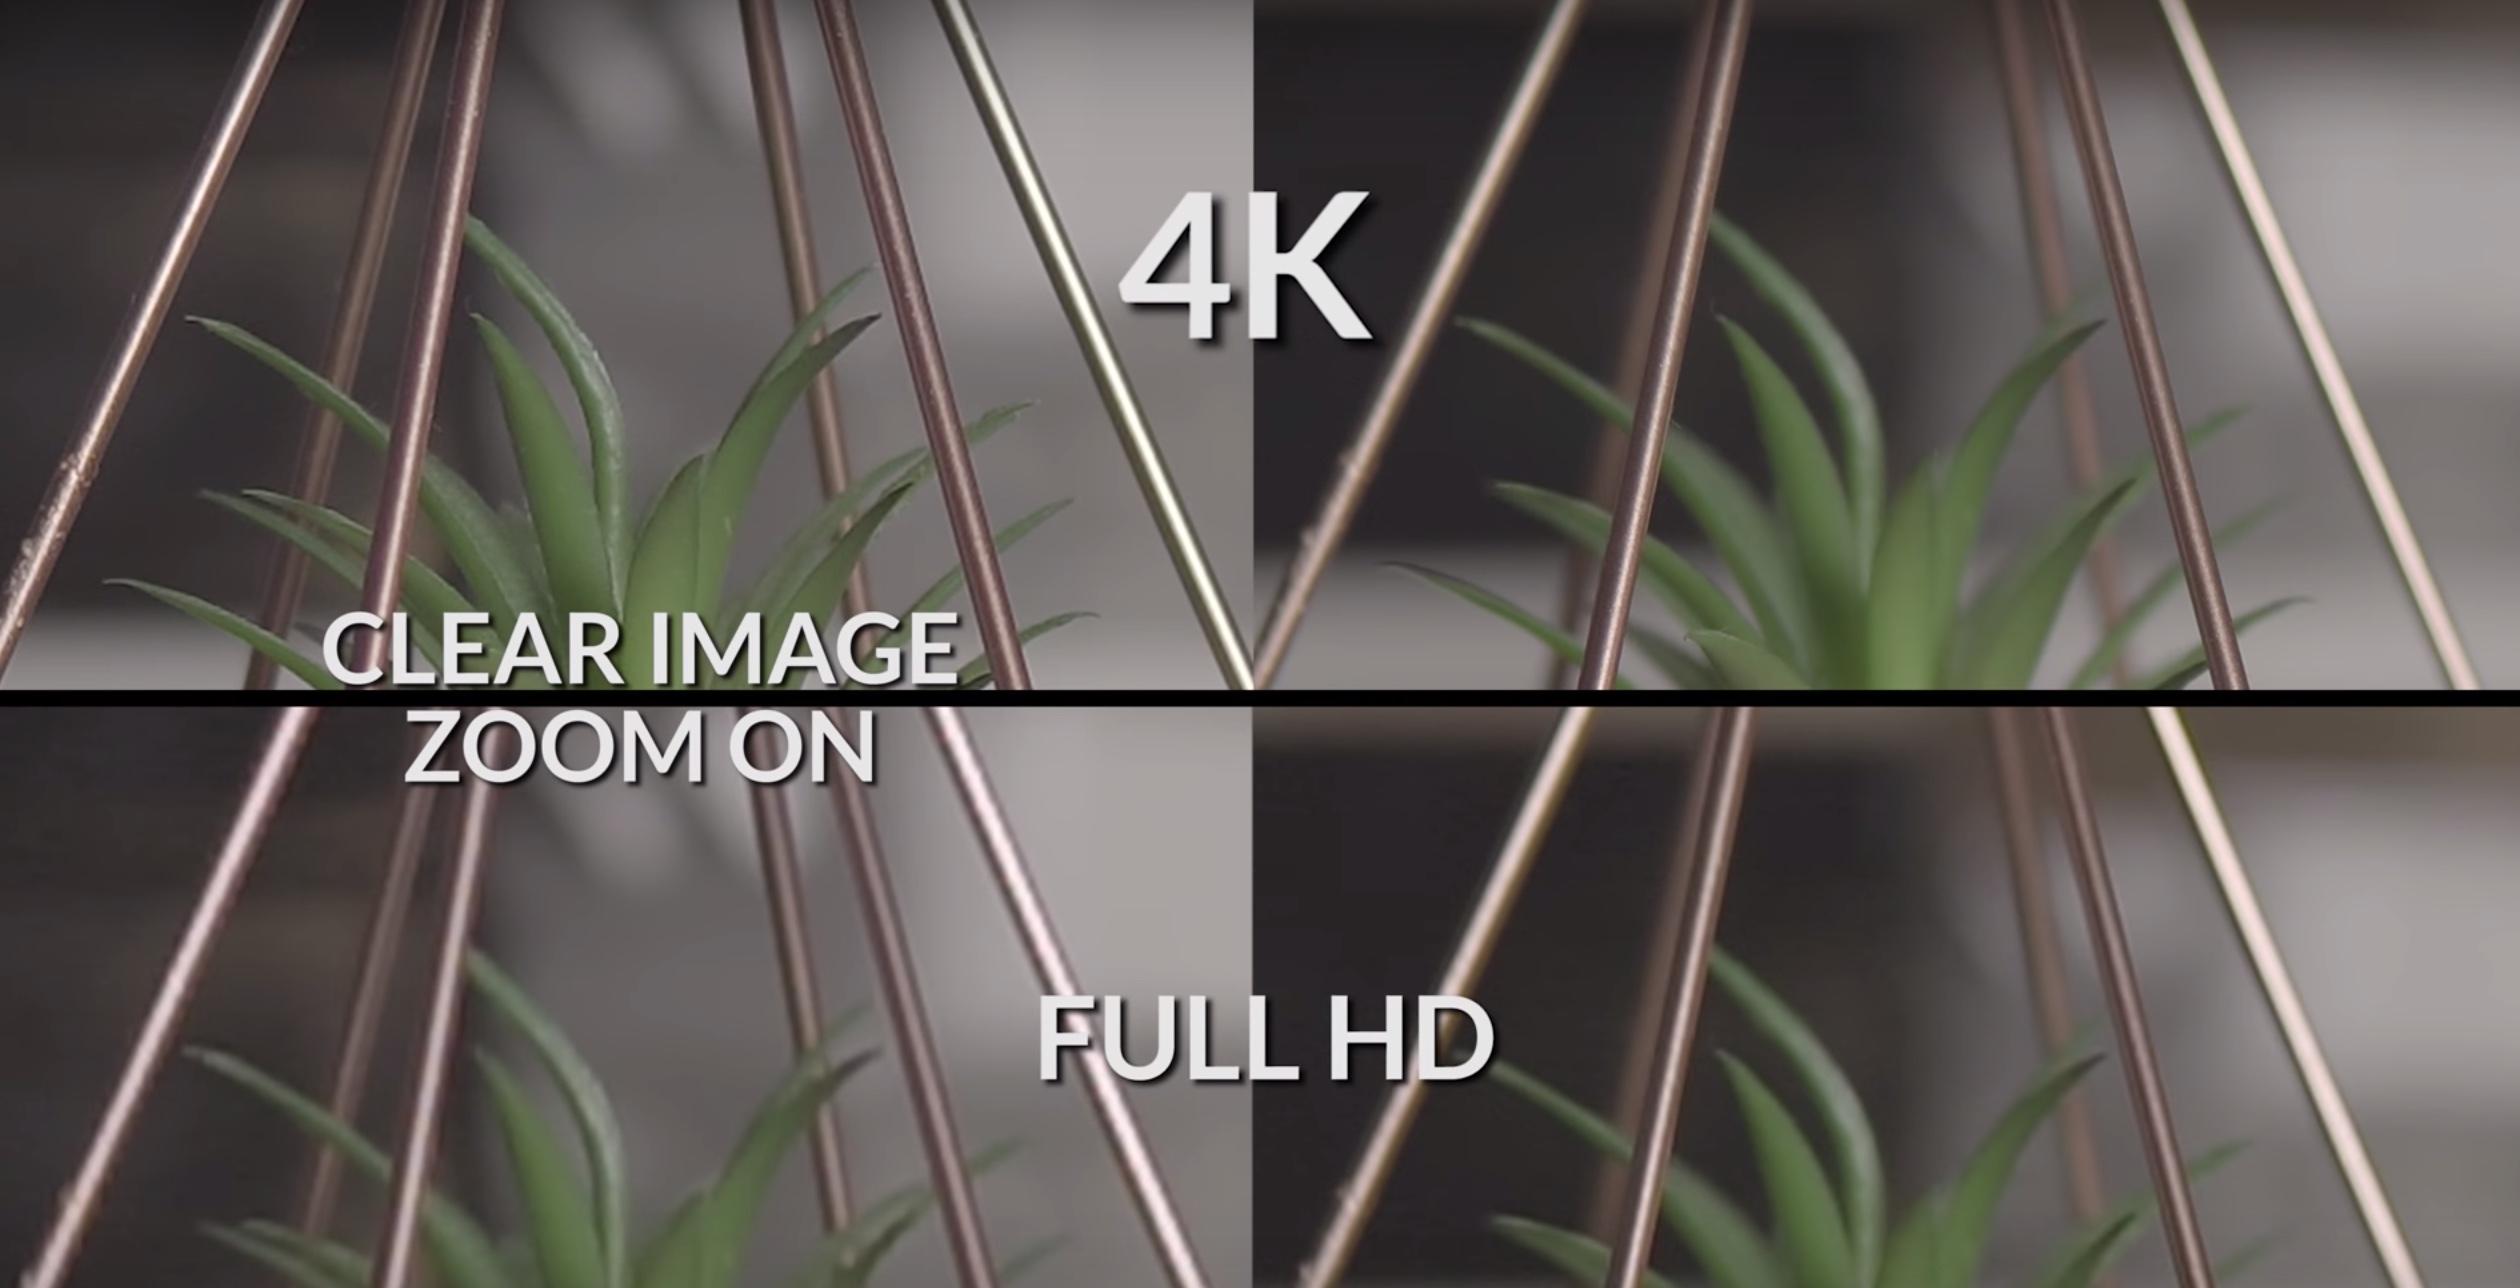 que es funcion clear image zoom